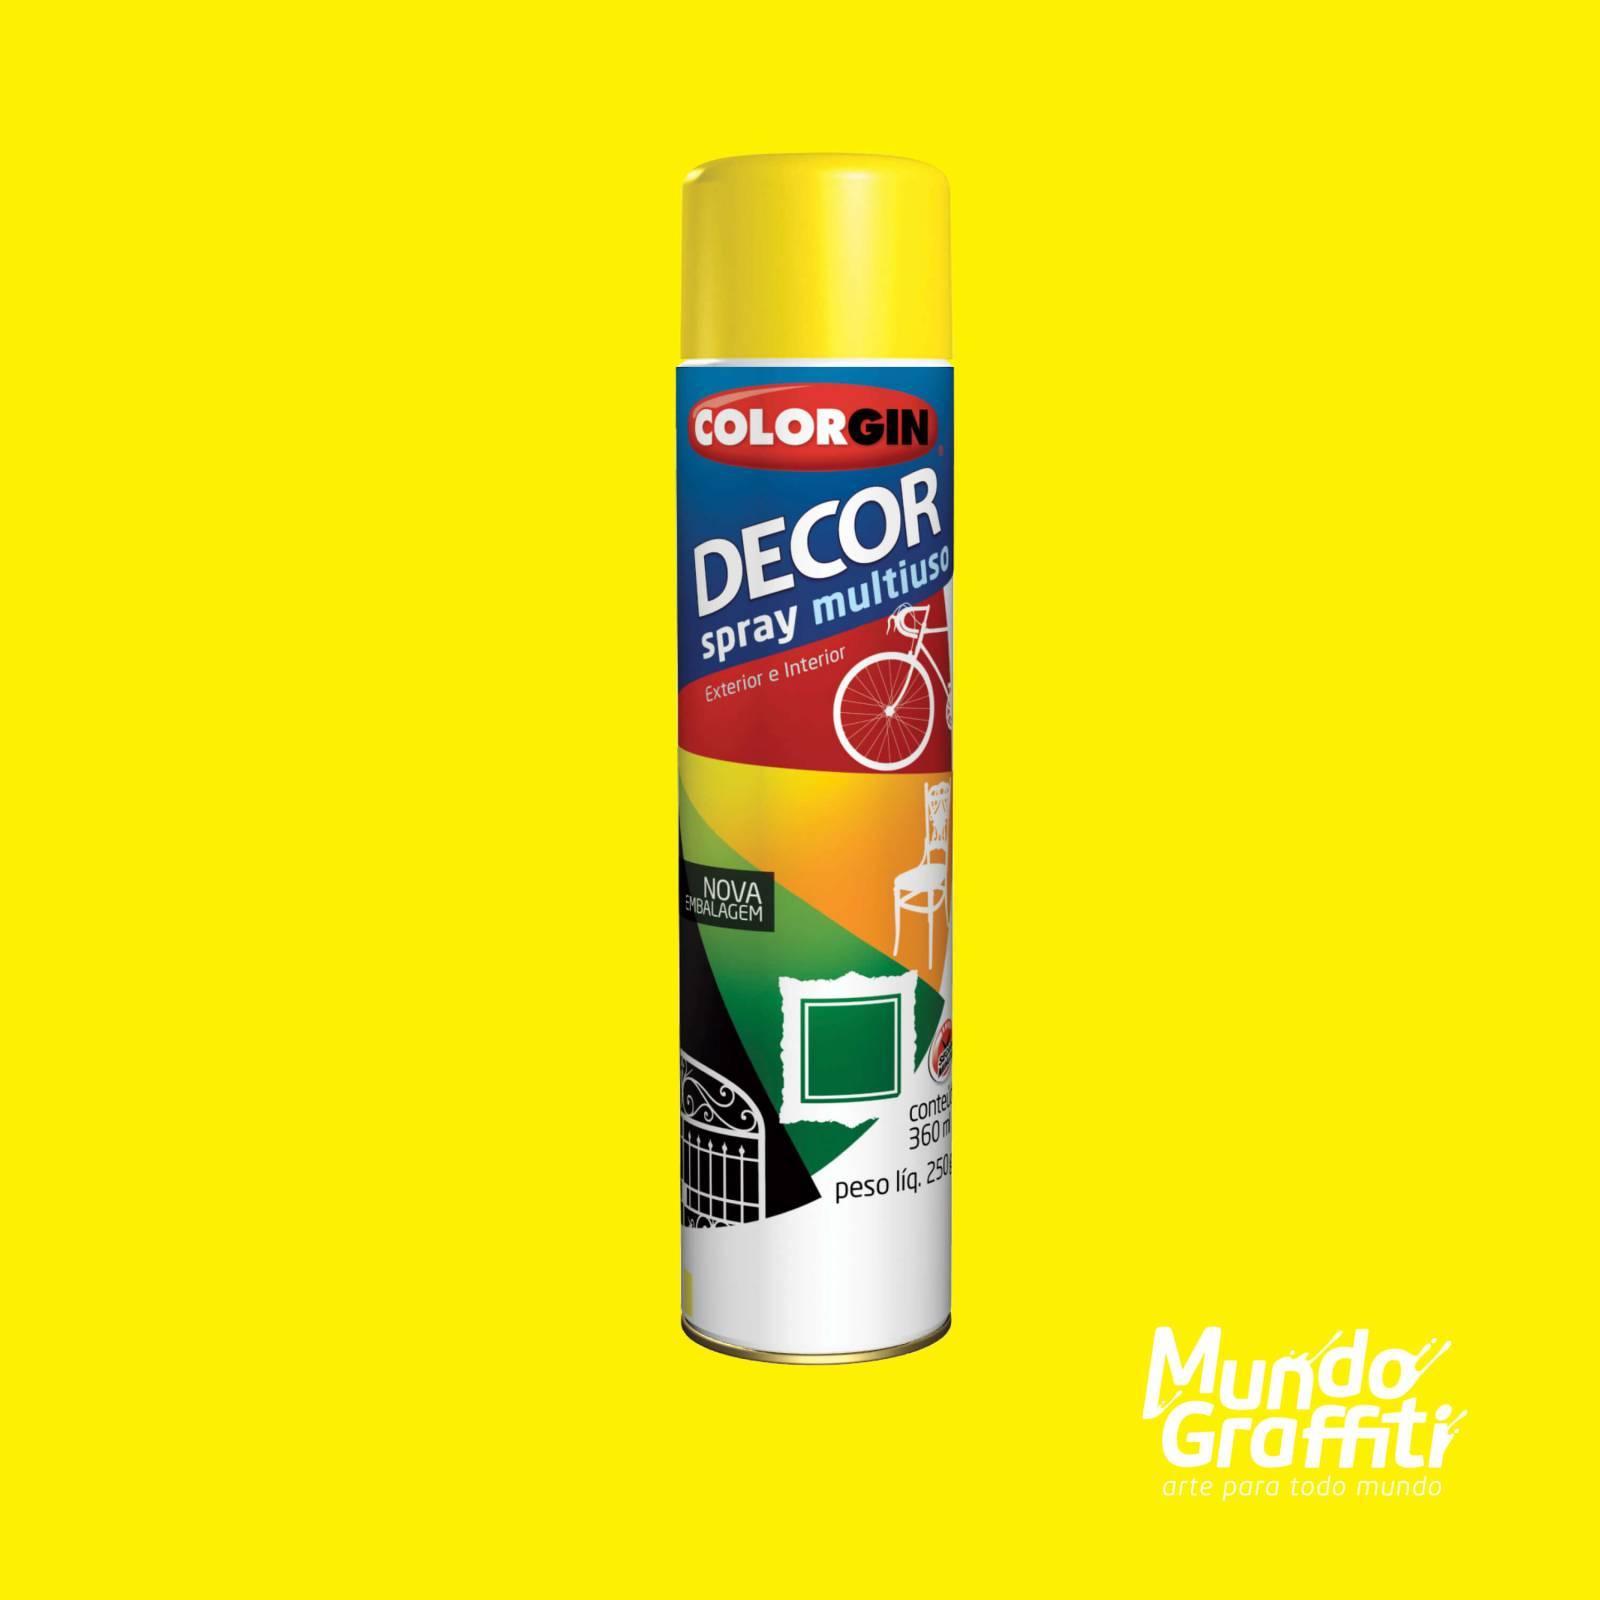 Tinta Spray Colorgin Decor 8591 Amarelo Brilhante 360ml - Mundo Graffiti